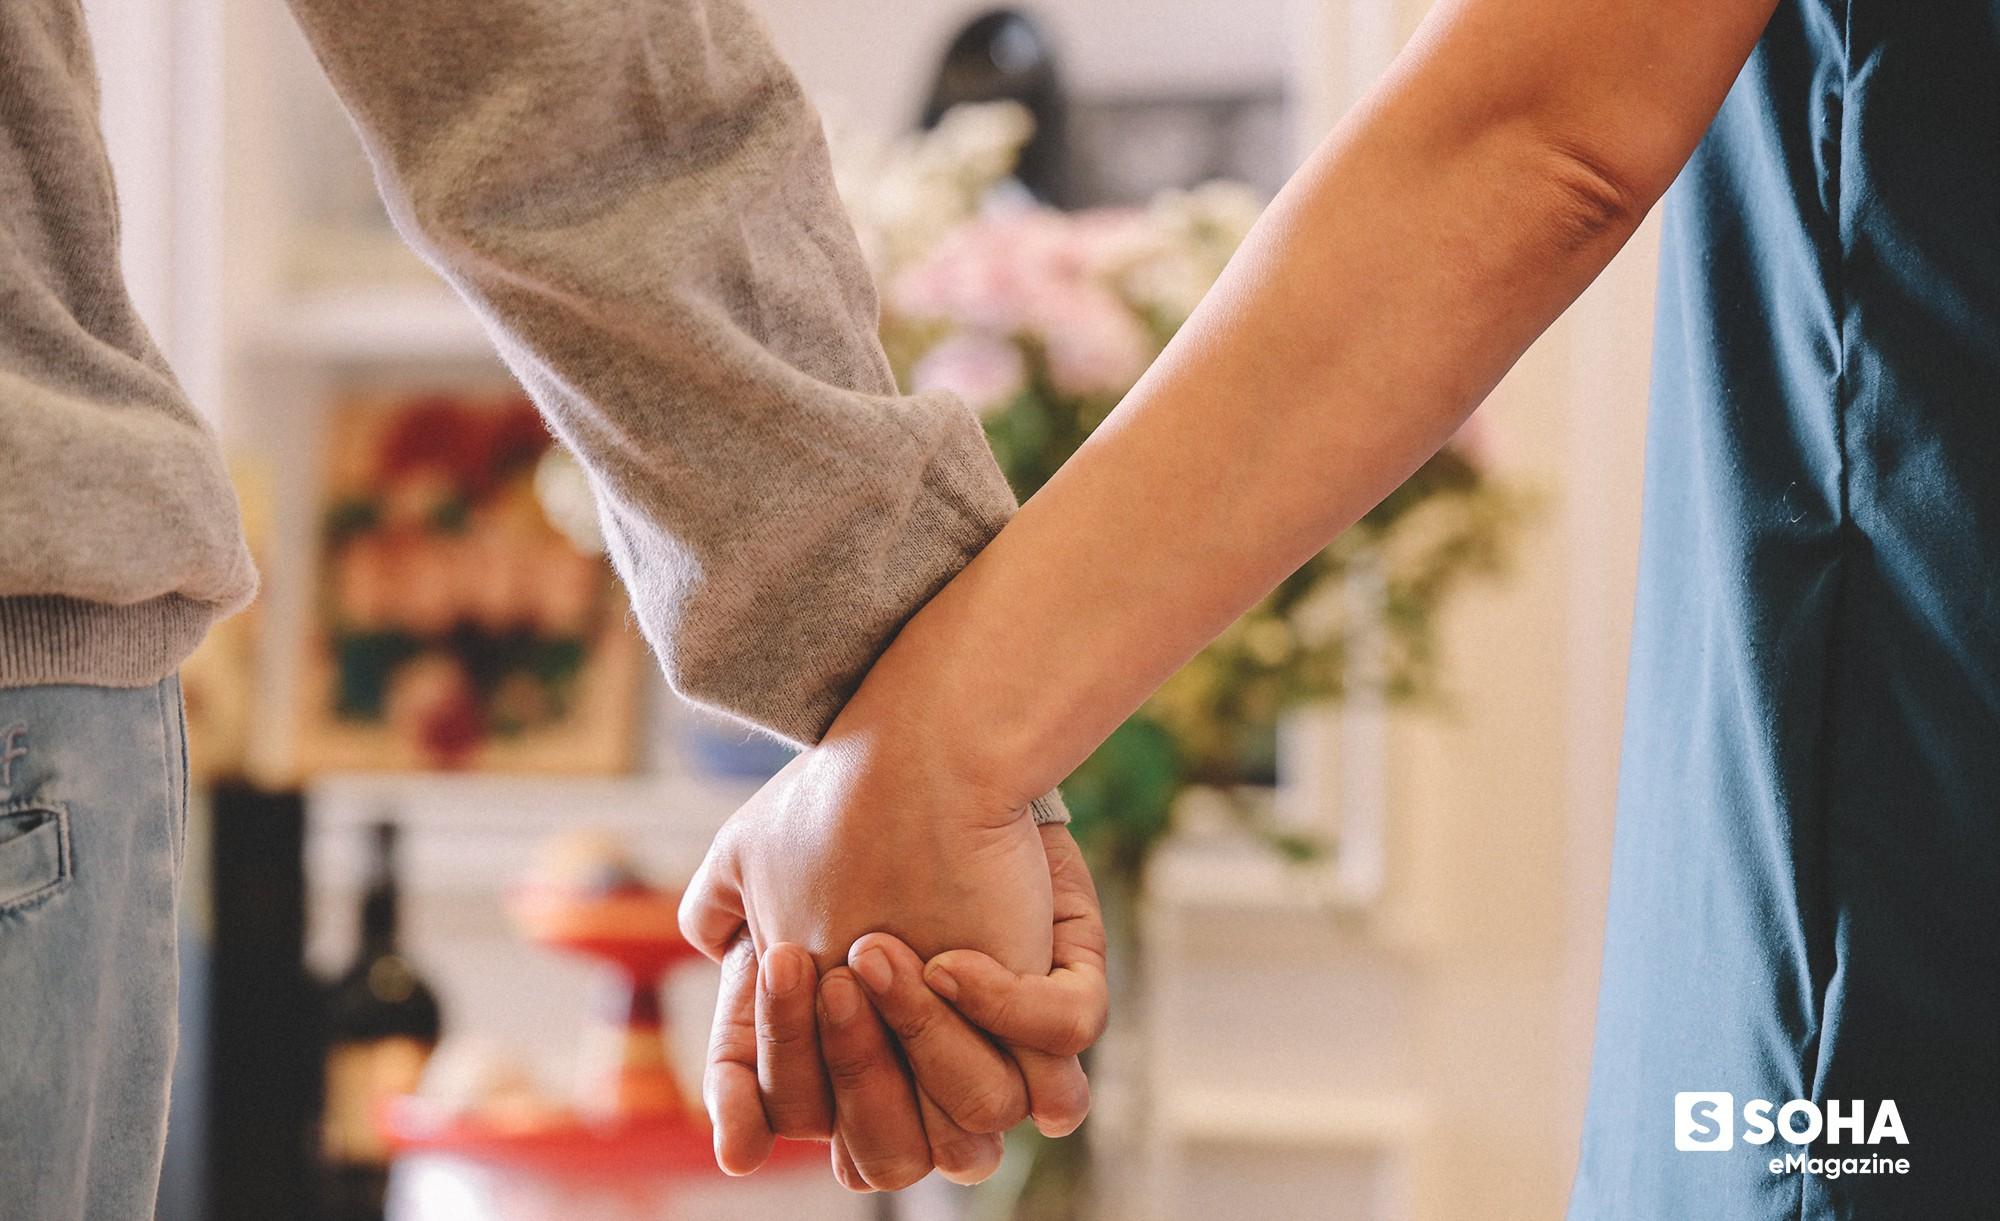 """""""Các Quý ông! Đừng nói đây là bài viết nịnh vợ, sợ vợ. Đó là lời biết ơn sâu sắc của một người chồng, người tình"""" - Ảnh 28."""